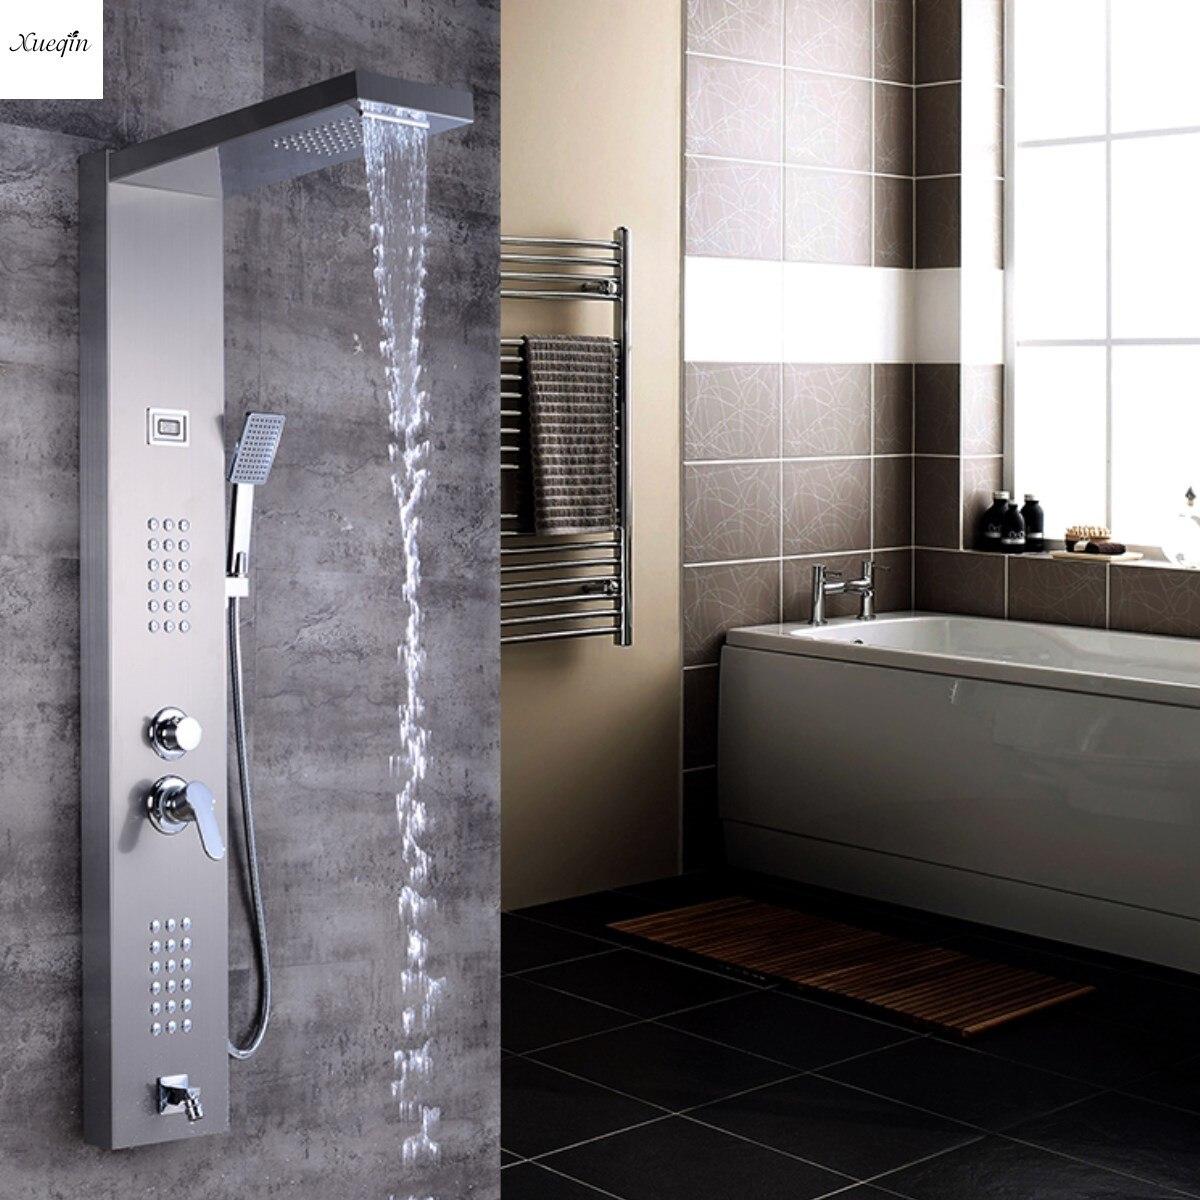 Finition Nickel brossé Jet de Massage sans réservoir pluie tour de douche salle de bain pluviométrie panneau de douche thermostatique bec colonne de douche